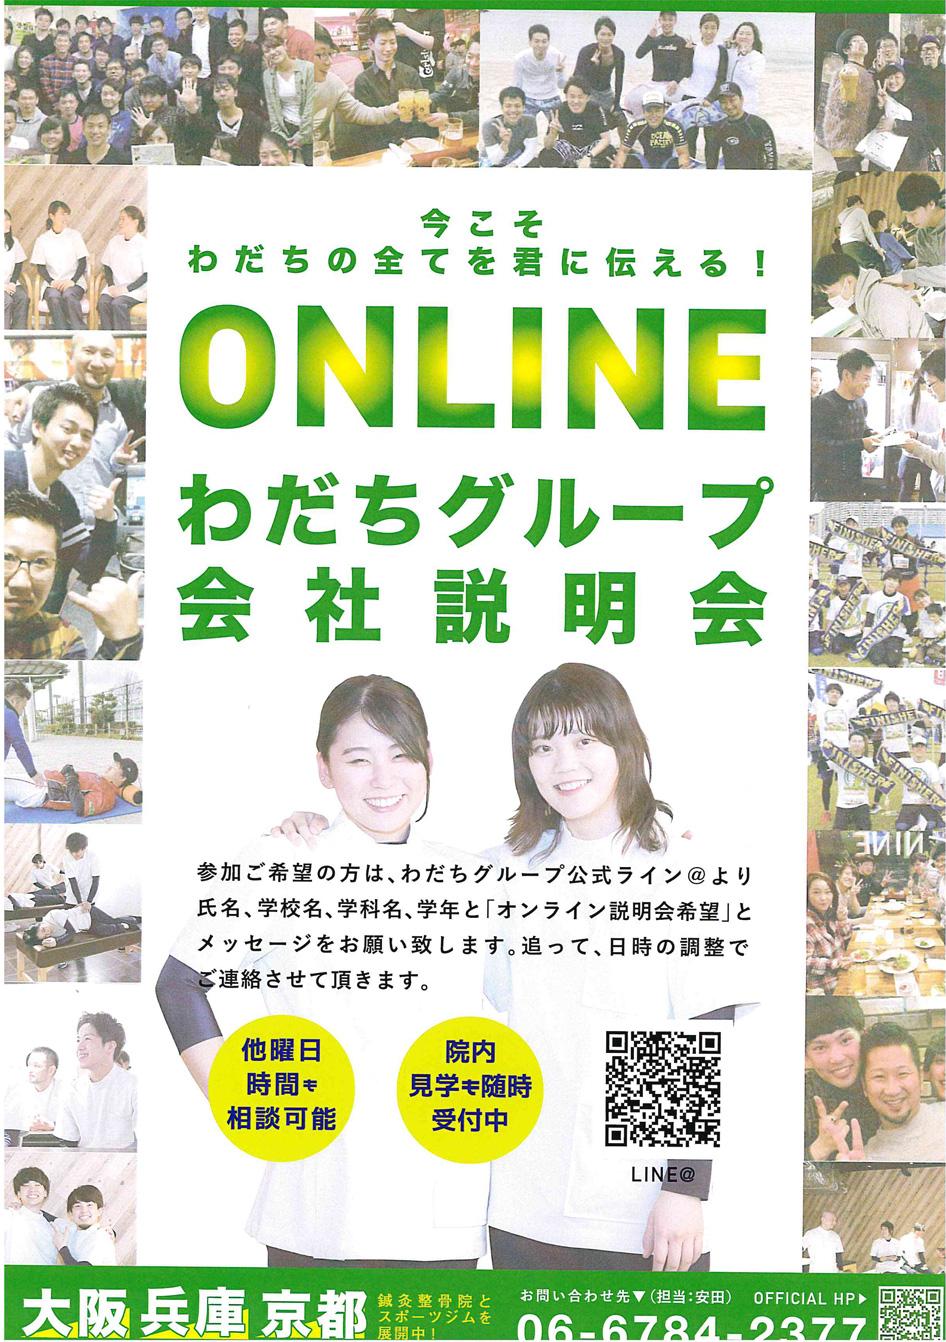 わだちグループオンライン会社説明会